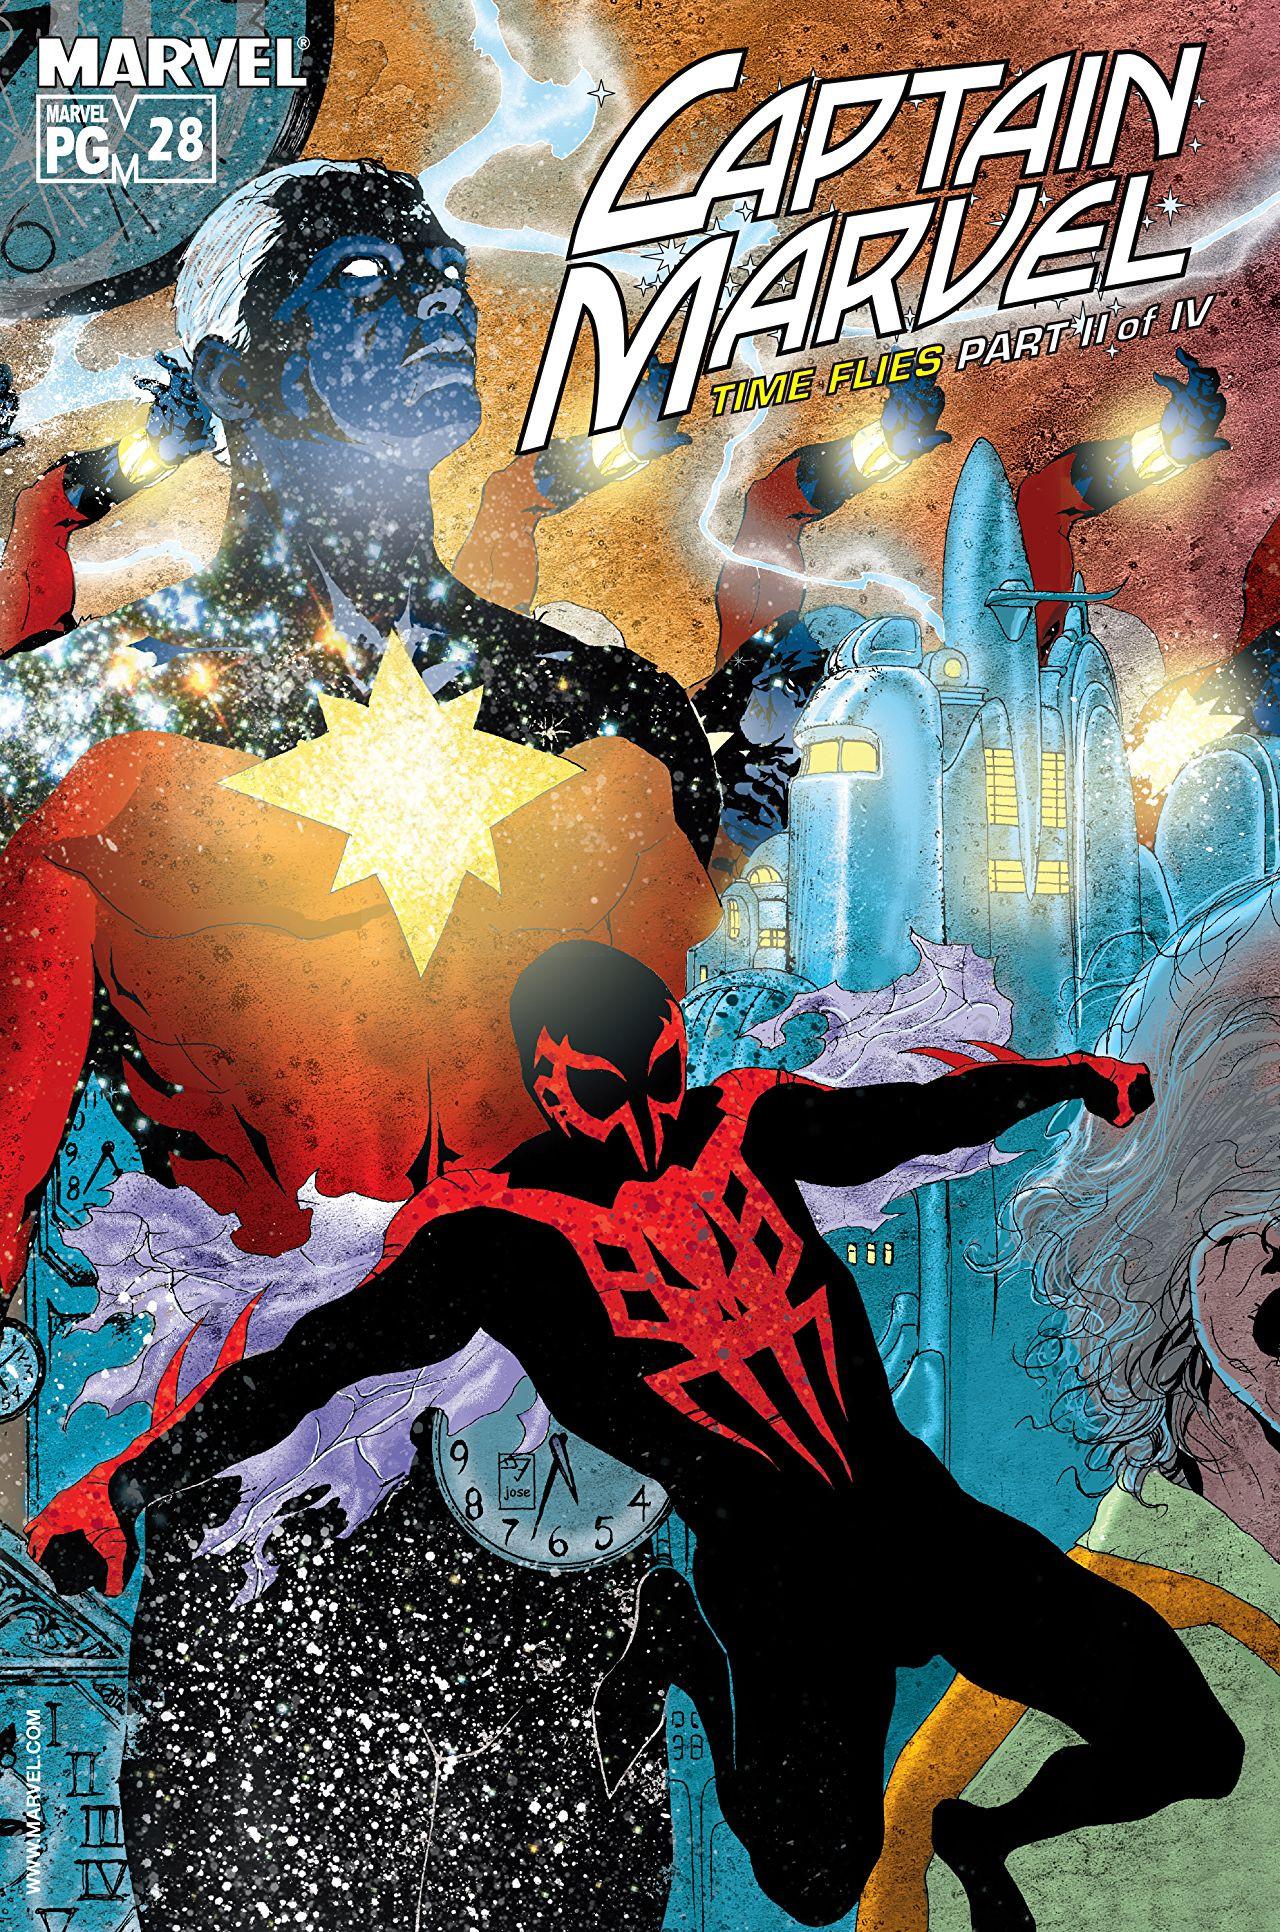 COLECCIÓN DEFINITIVA: CAPITÁN MARVEL [UL] [cbr] Captain_Marvel_Vol_4_28